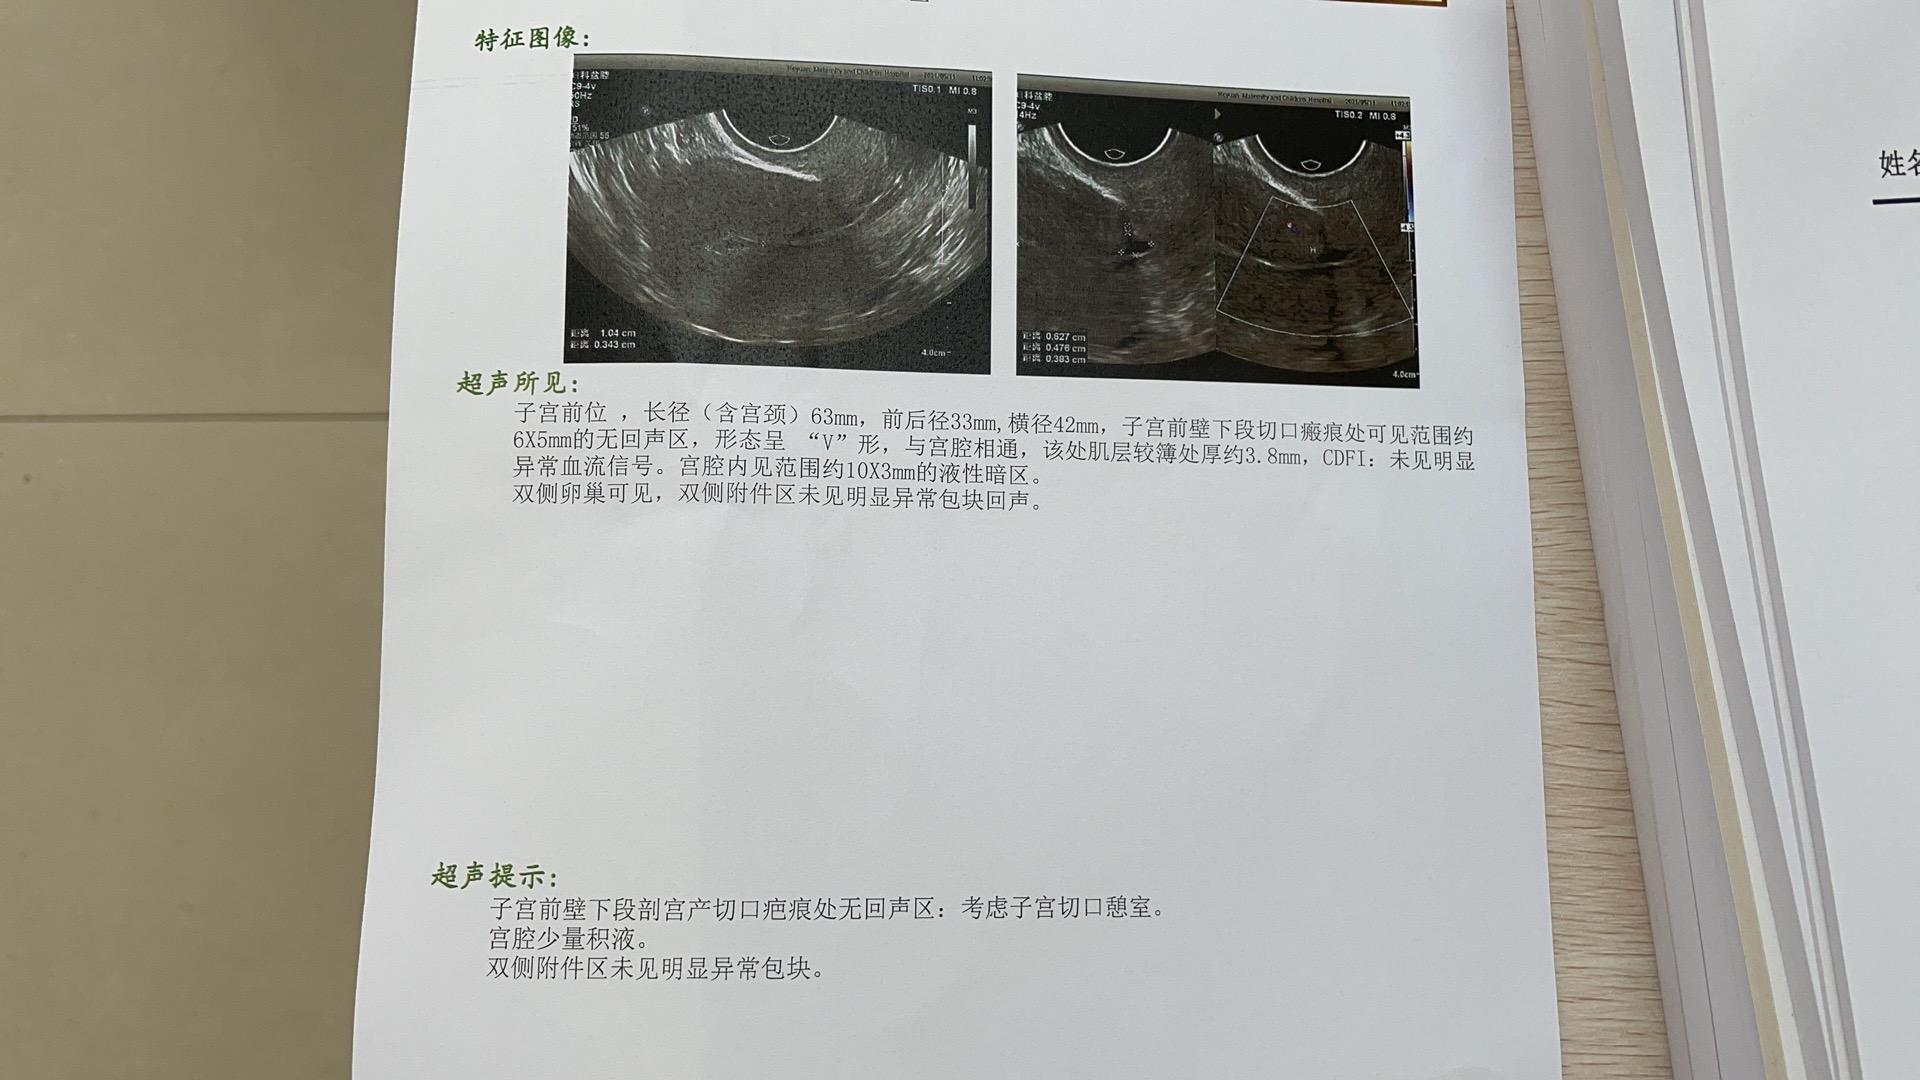 胎停4月4号做的清宫手术吃了一盒优思悦停药已